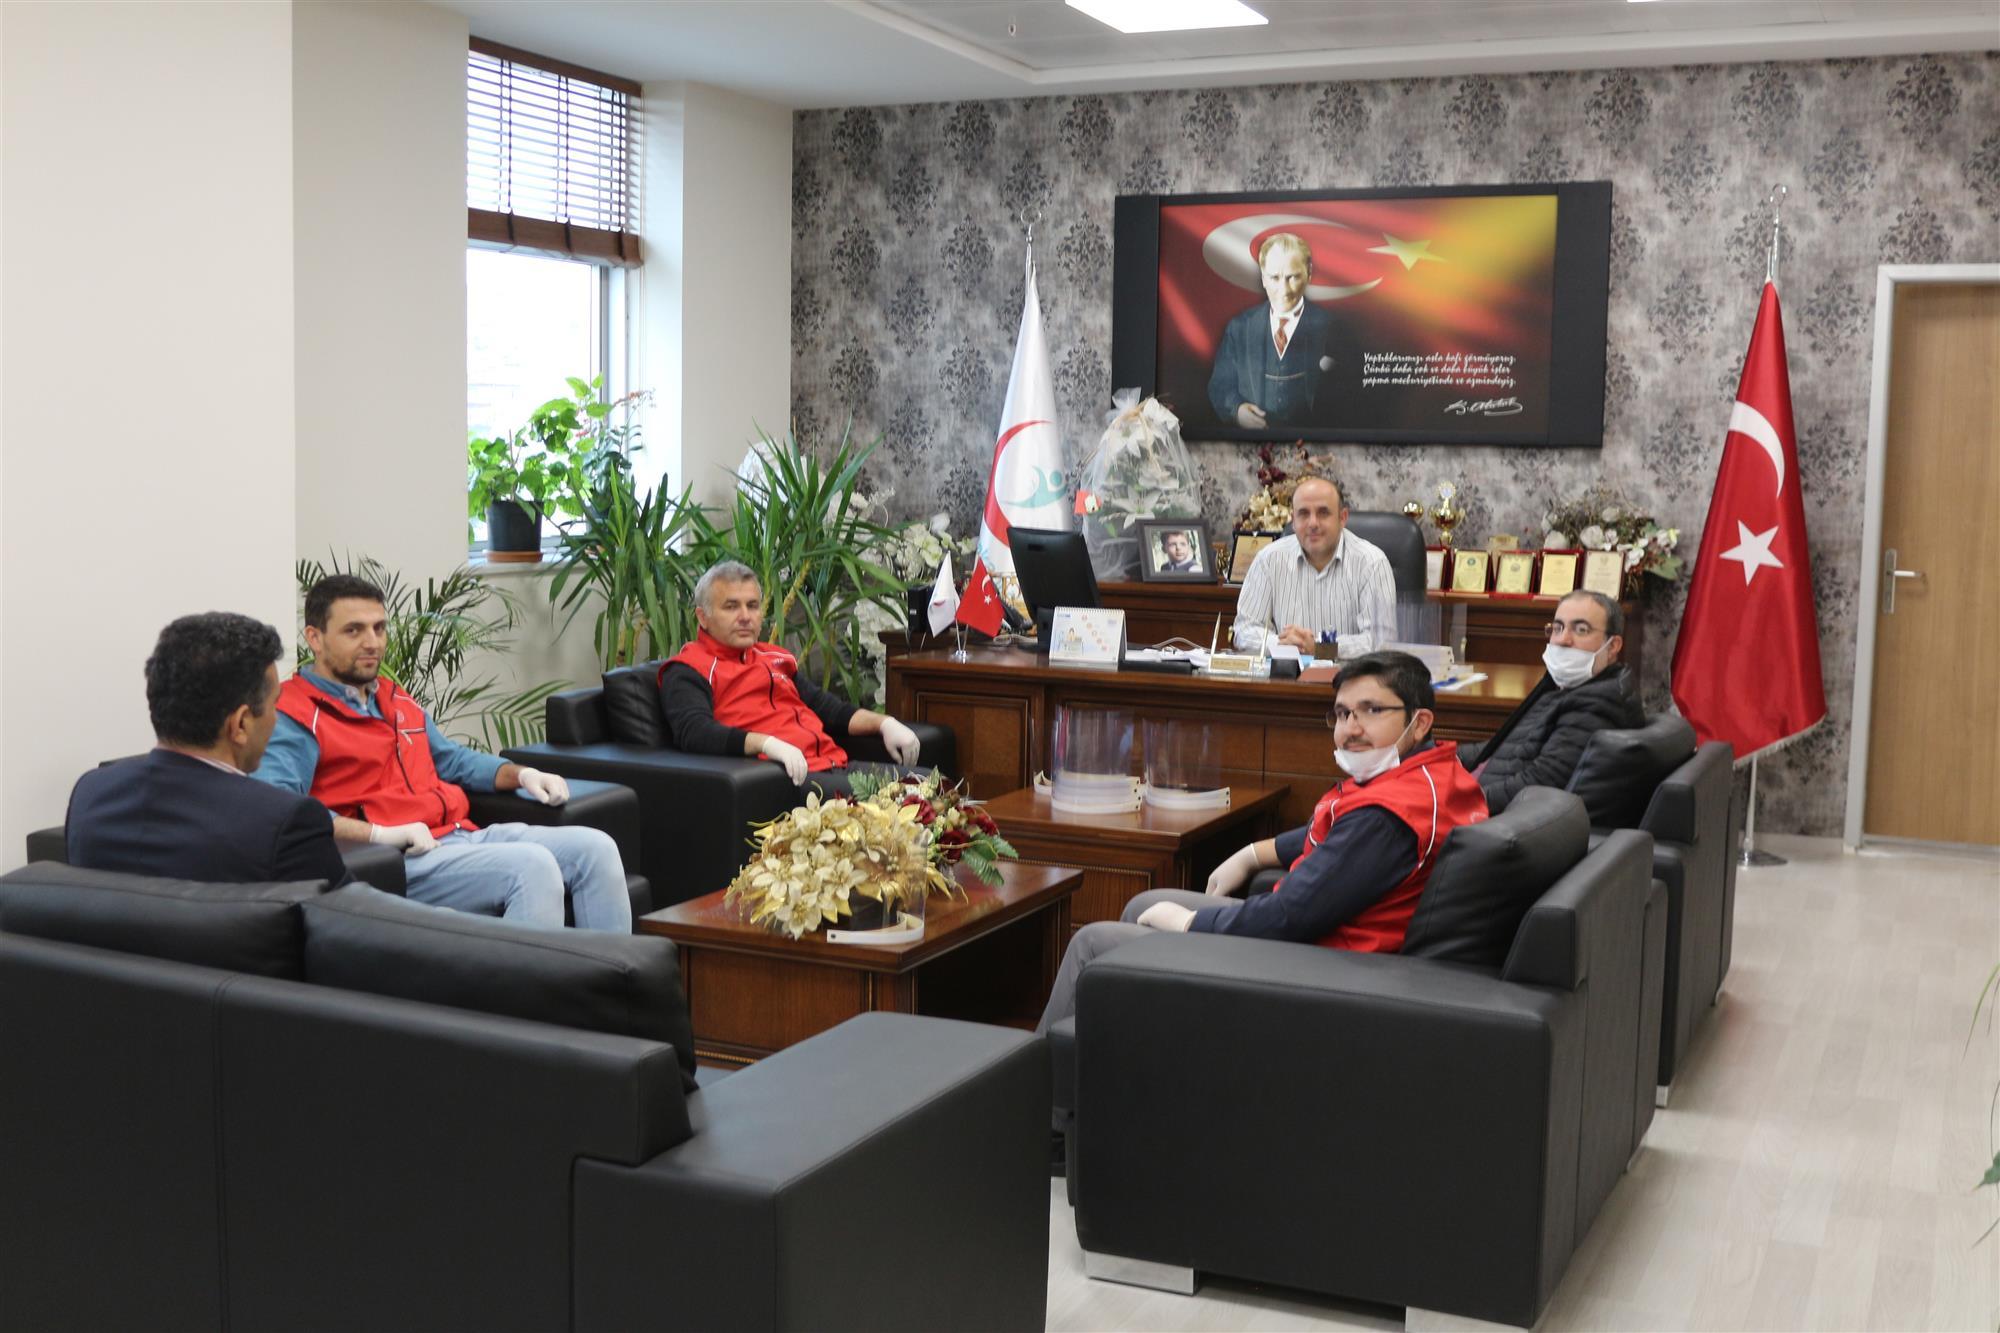 Nevşehir Gençlik ve Spor İl Müdürlüğü Sağlık Çalışanlarına Yüz Koruyucu Siperlik Üretti